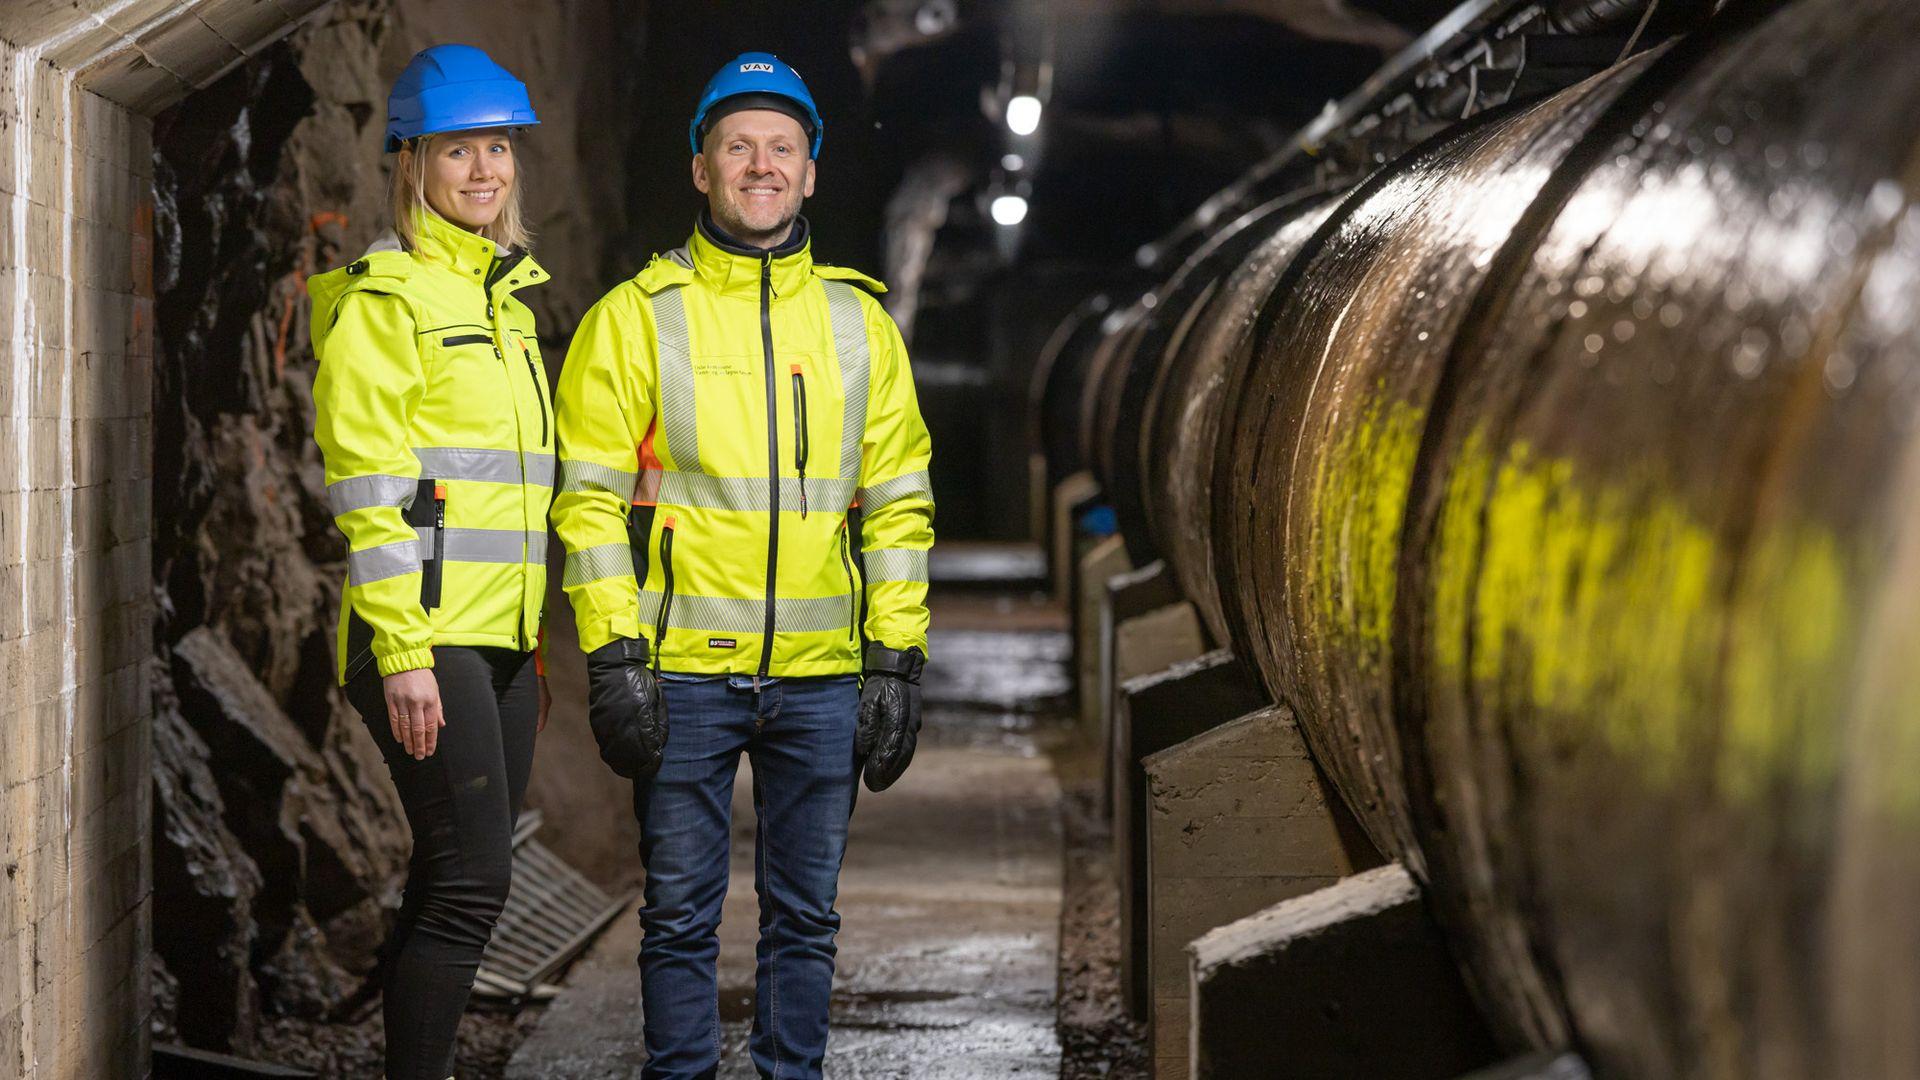 OSET VANNBEHANDLINGSANNLEGG: Geolog Ingjerd Helene Mørck og prosjektleder Ole-Petter Nilsen i Vann- og avløpsetaten i Oslo Kommune.